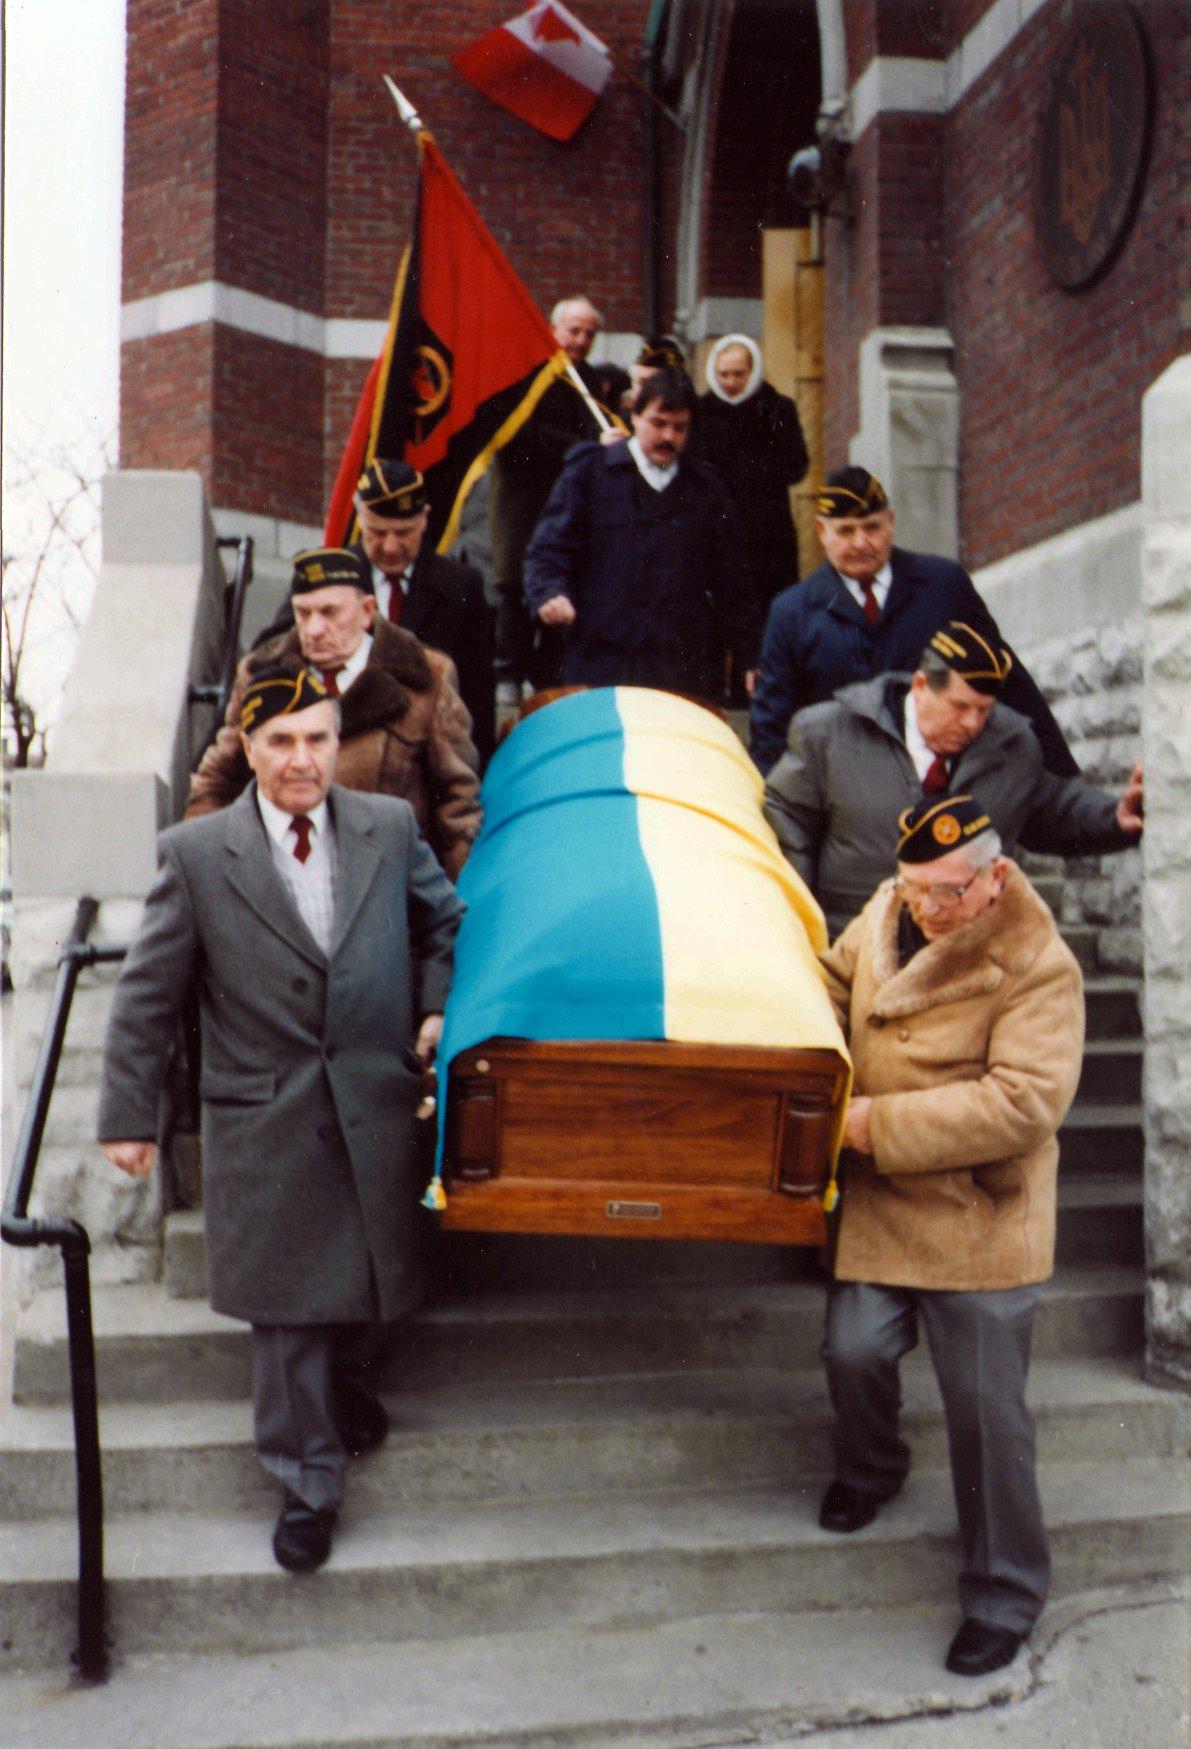 Знімки з похоронів в днях 28-го і 29-го ХІІ. 1993 р. сл. п. Володимира Макара. ( +26. ХІІ. 93 р.) в Торонто, Канада для вп. п. Ганни Томчук.